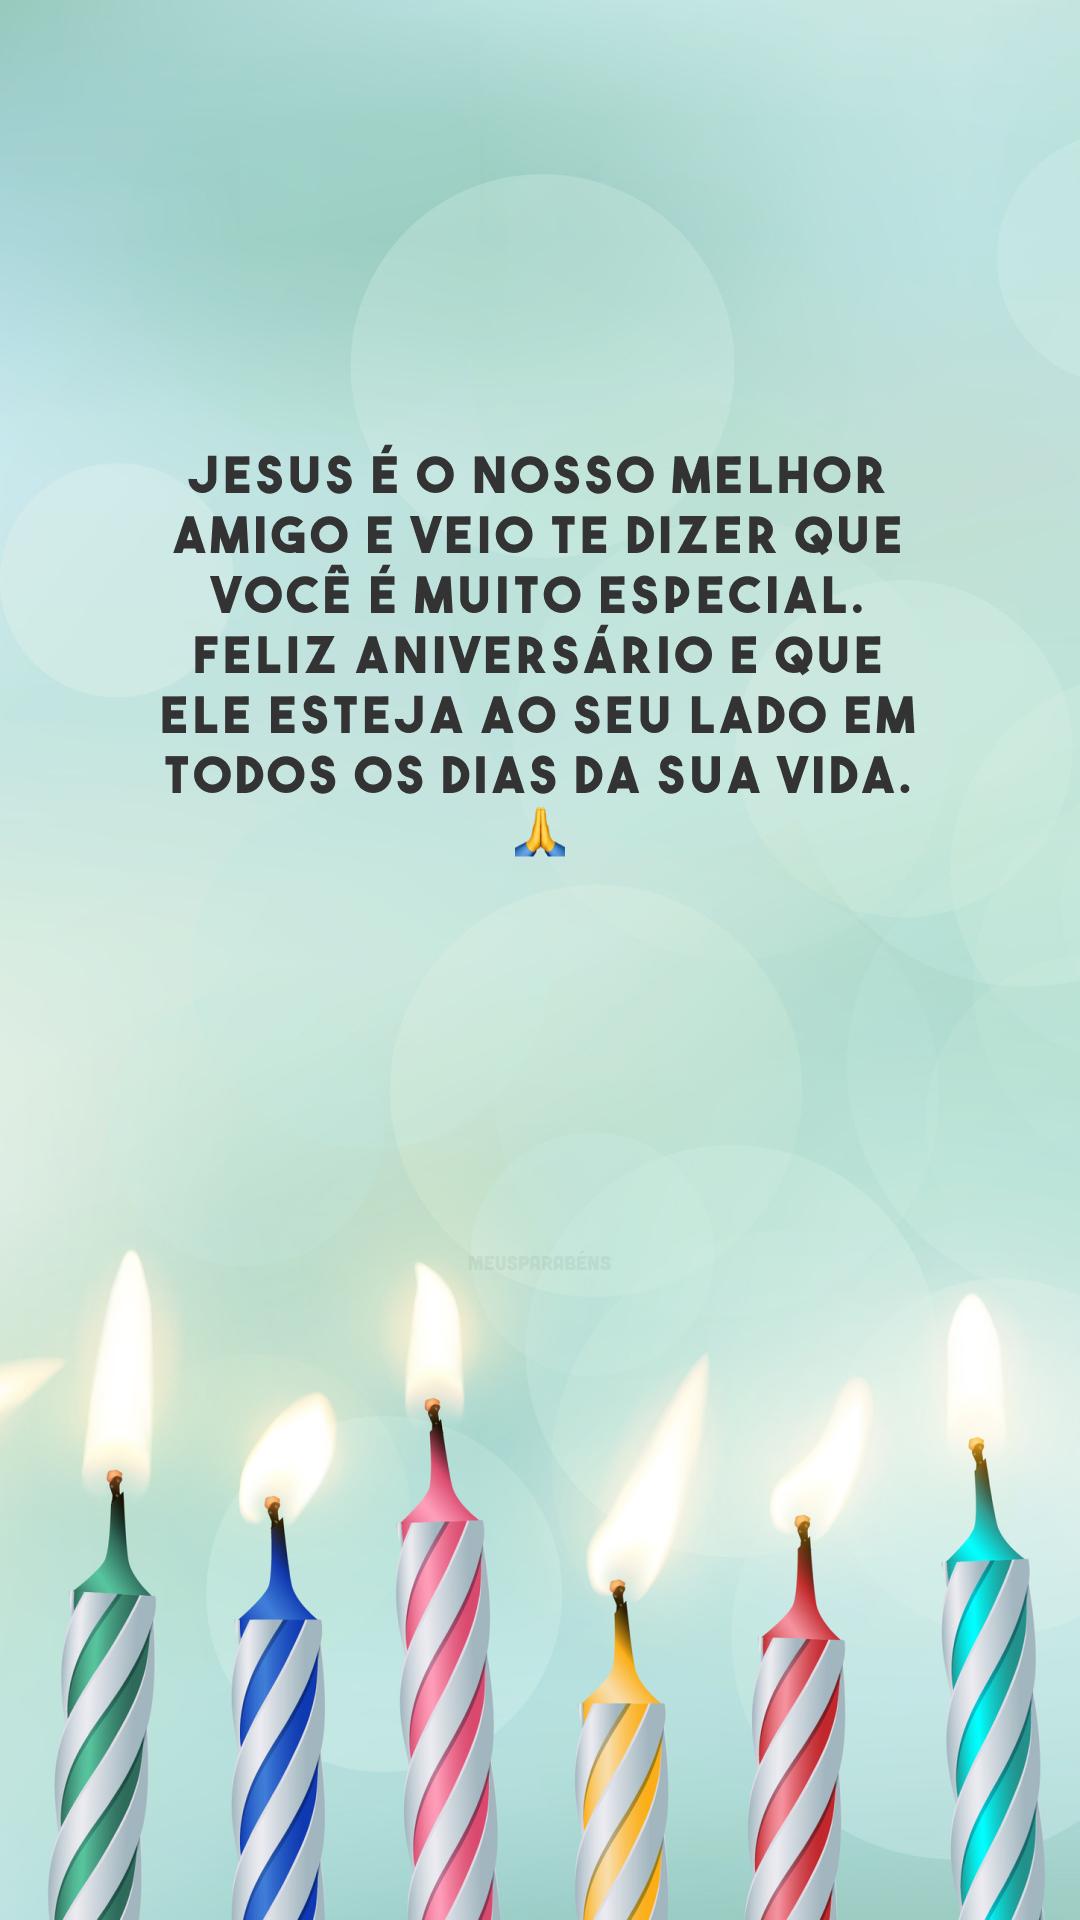 Jesus é o nosso melhor amigo e veio te dizer que você é muito especial. Feliz aniversário e que Ele esteja ao seu lado em todos os dias da sua vida. 🙏